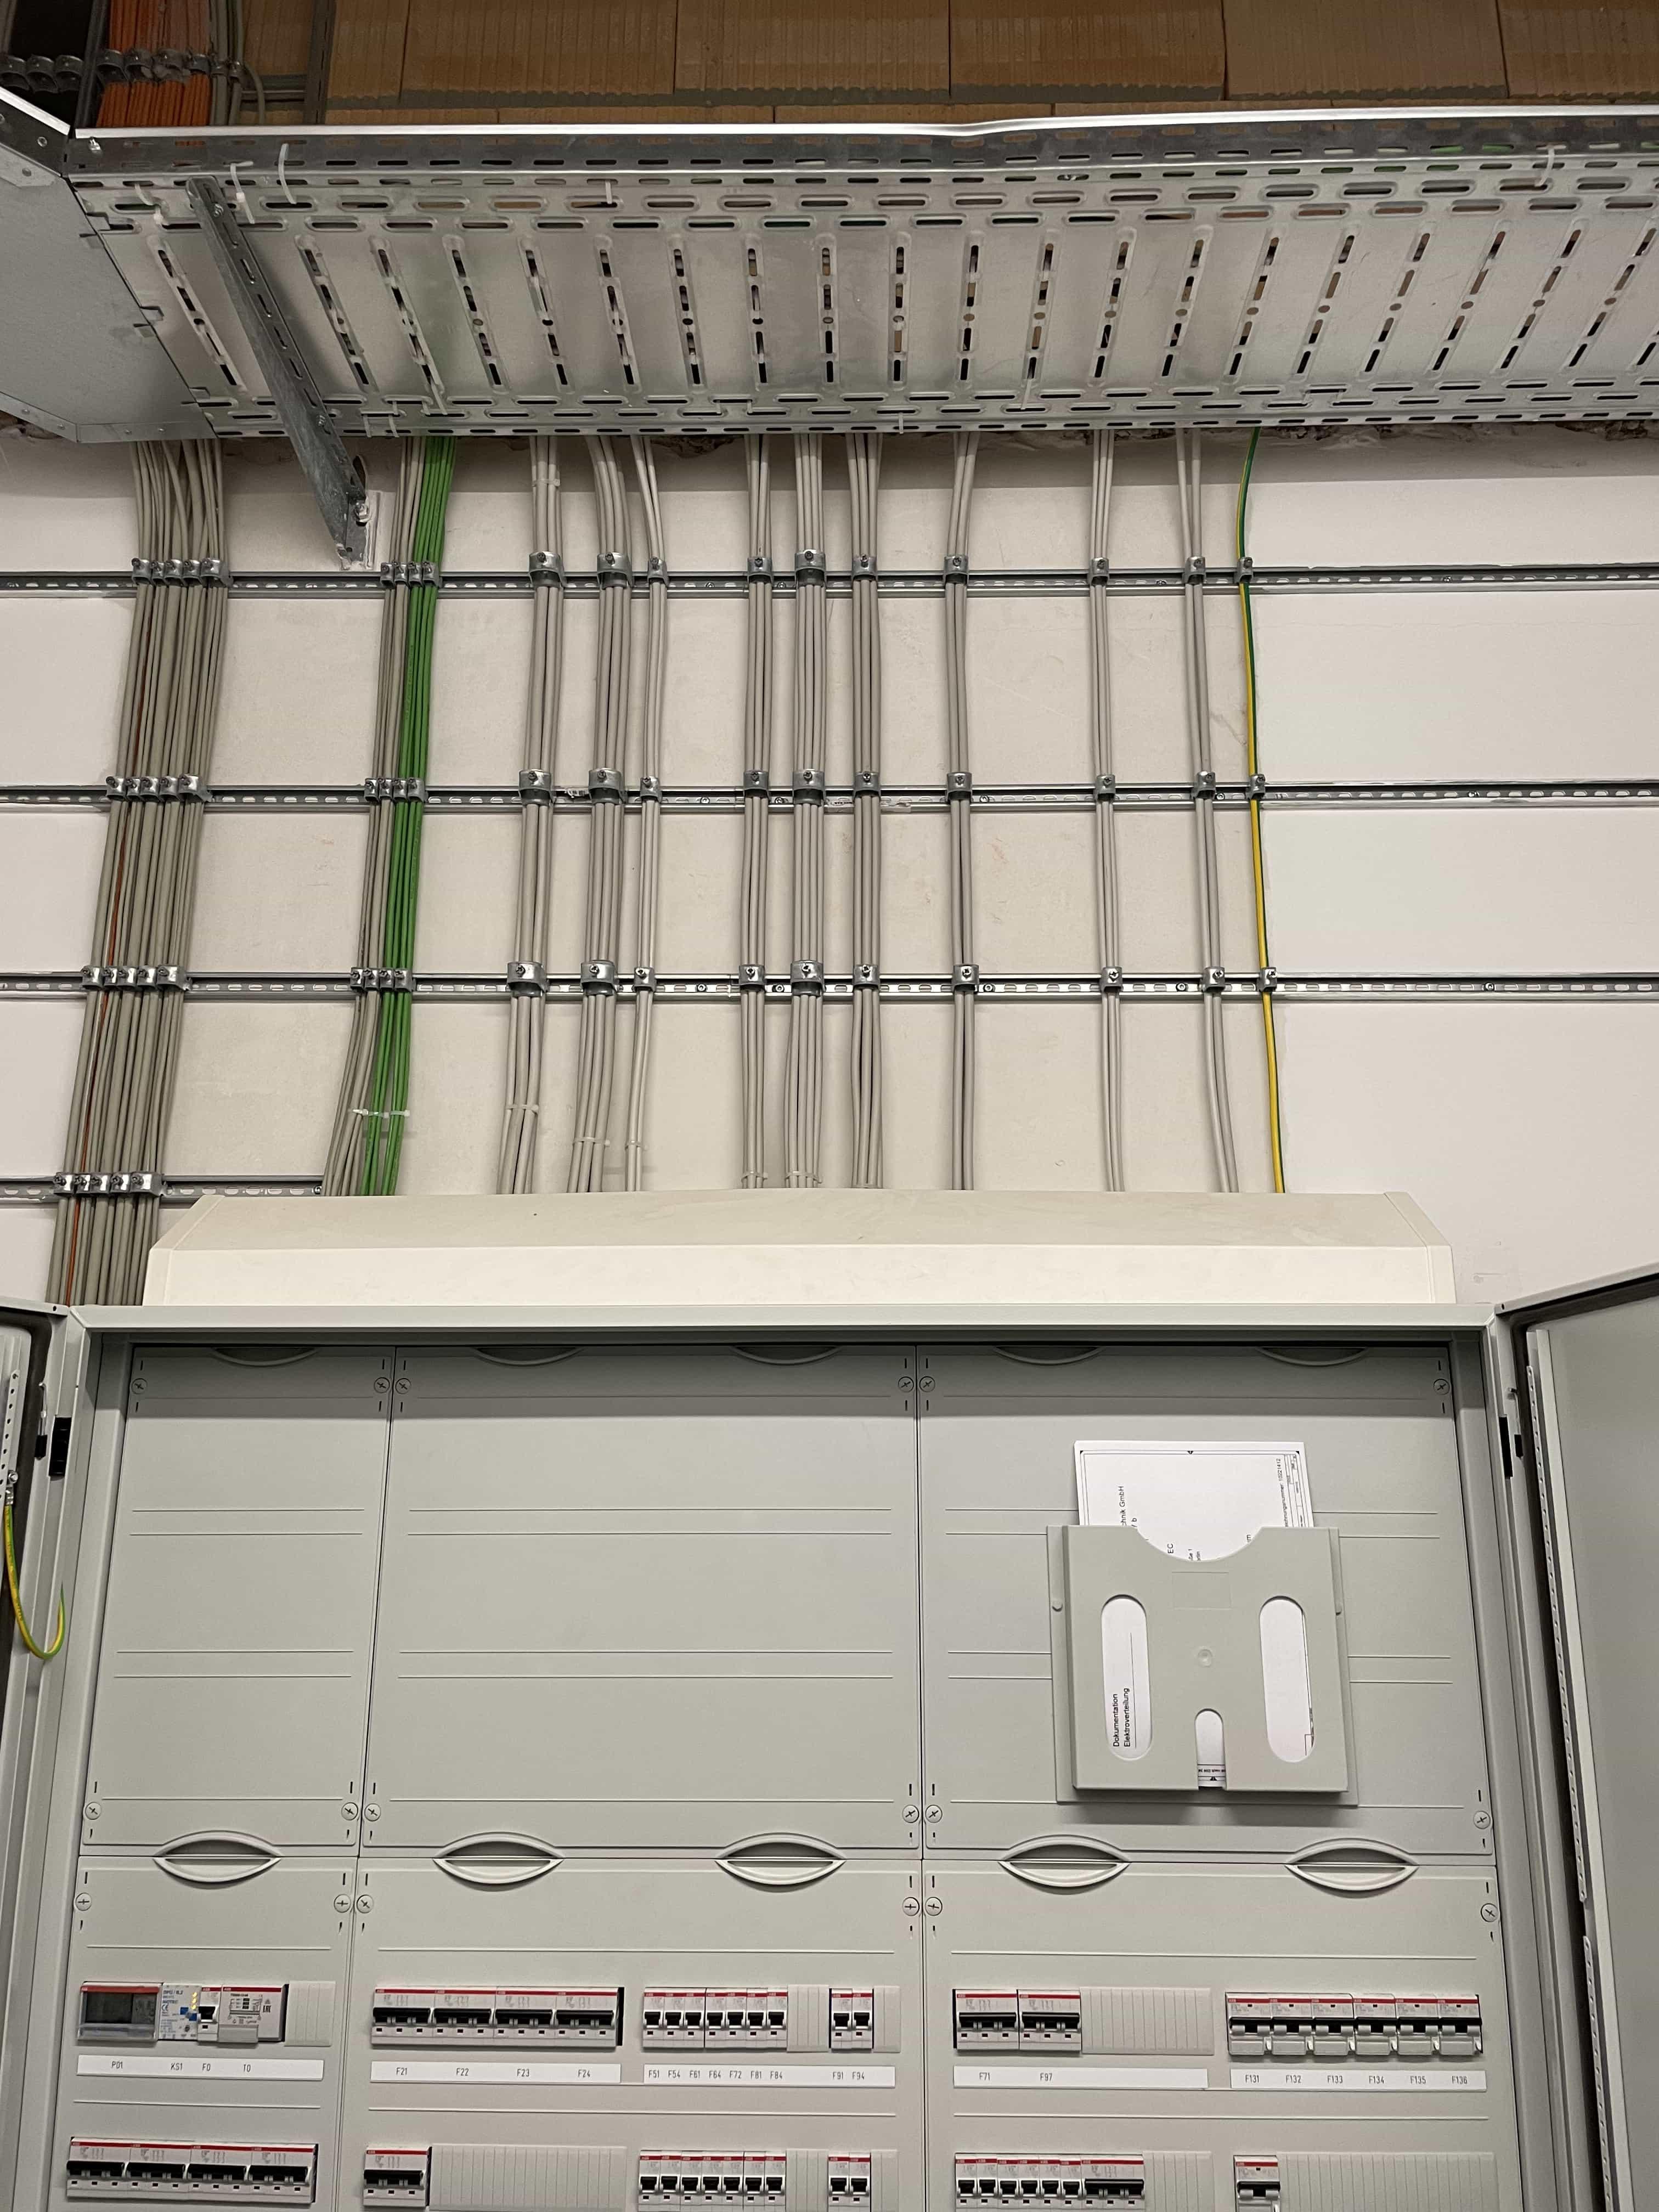 Verkabelung, Installtion und Montage einer KNX Steuerung